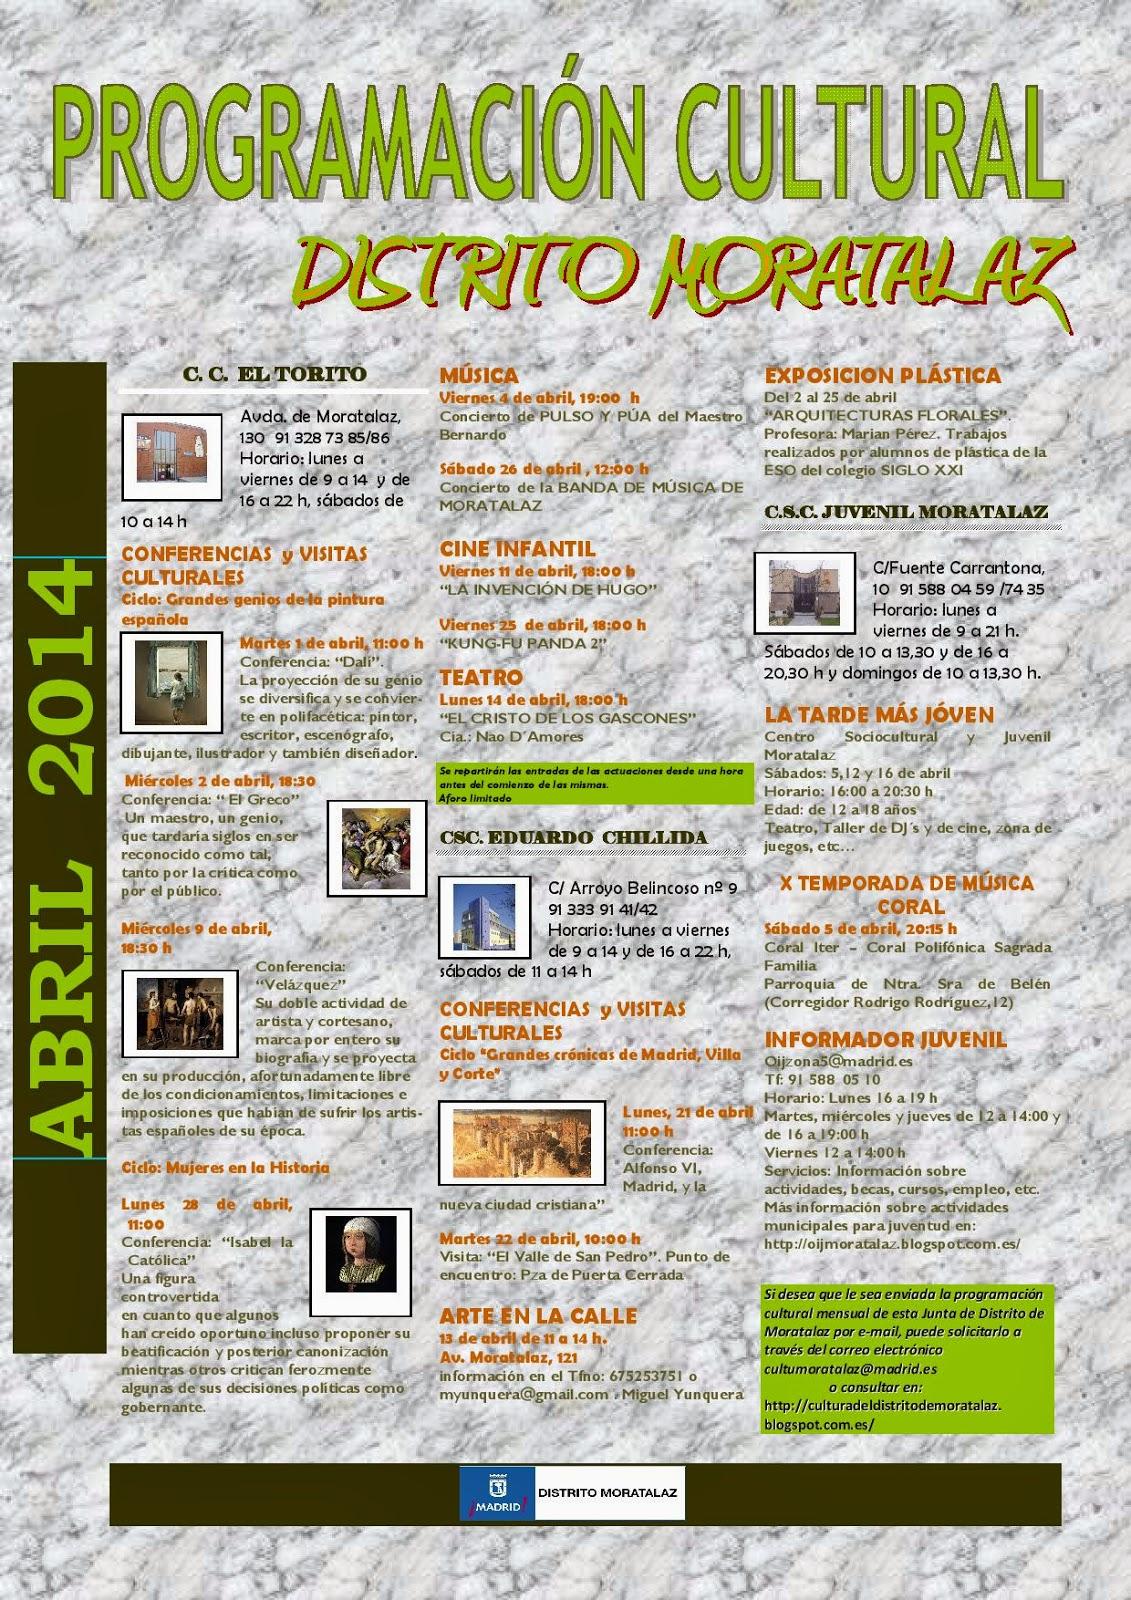 Programación cultural del Distrito de Moratalaz. Abril de 2014.